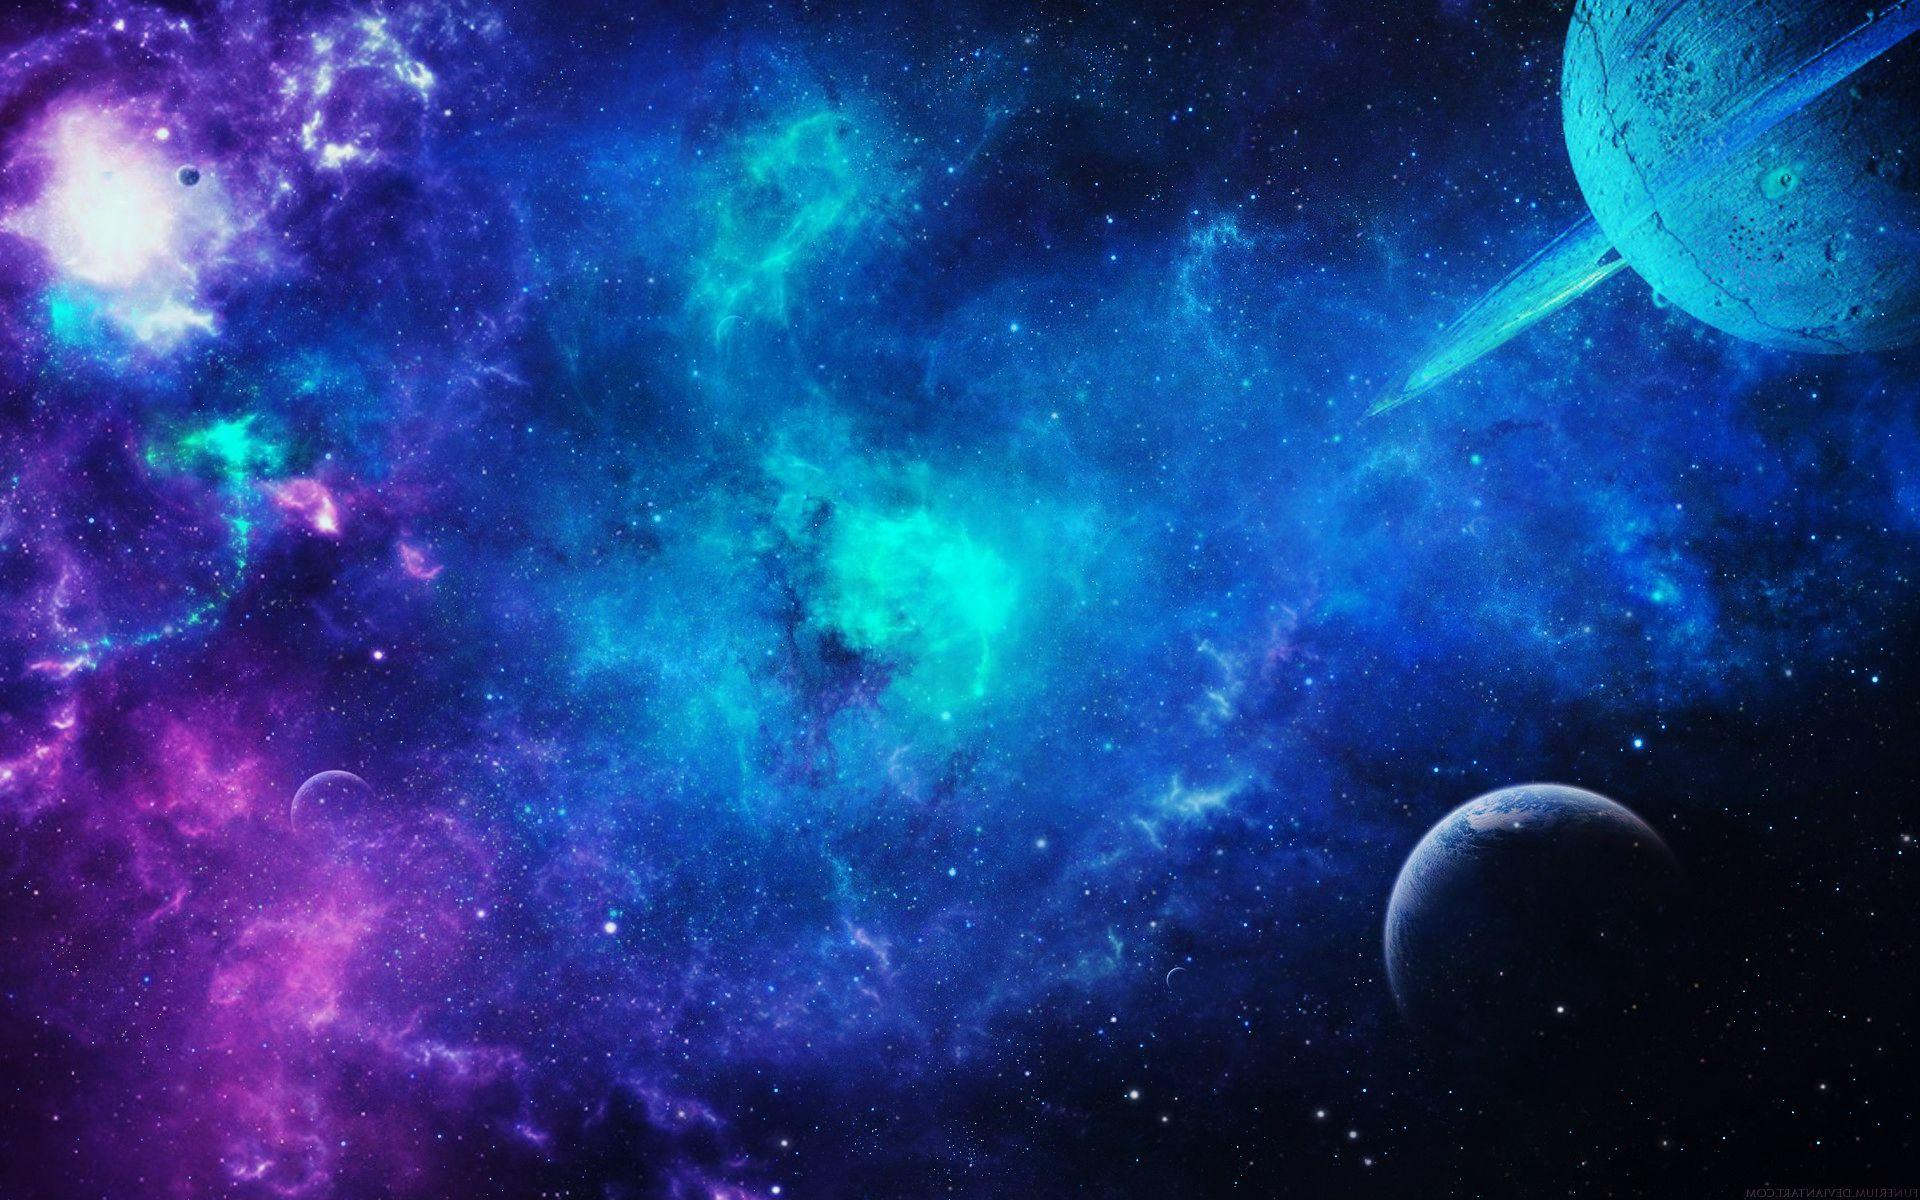 Астрономические книги учебники по астрономии астрономия